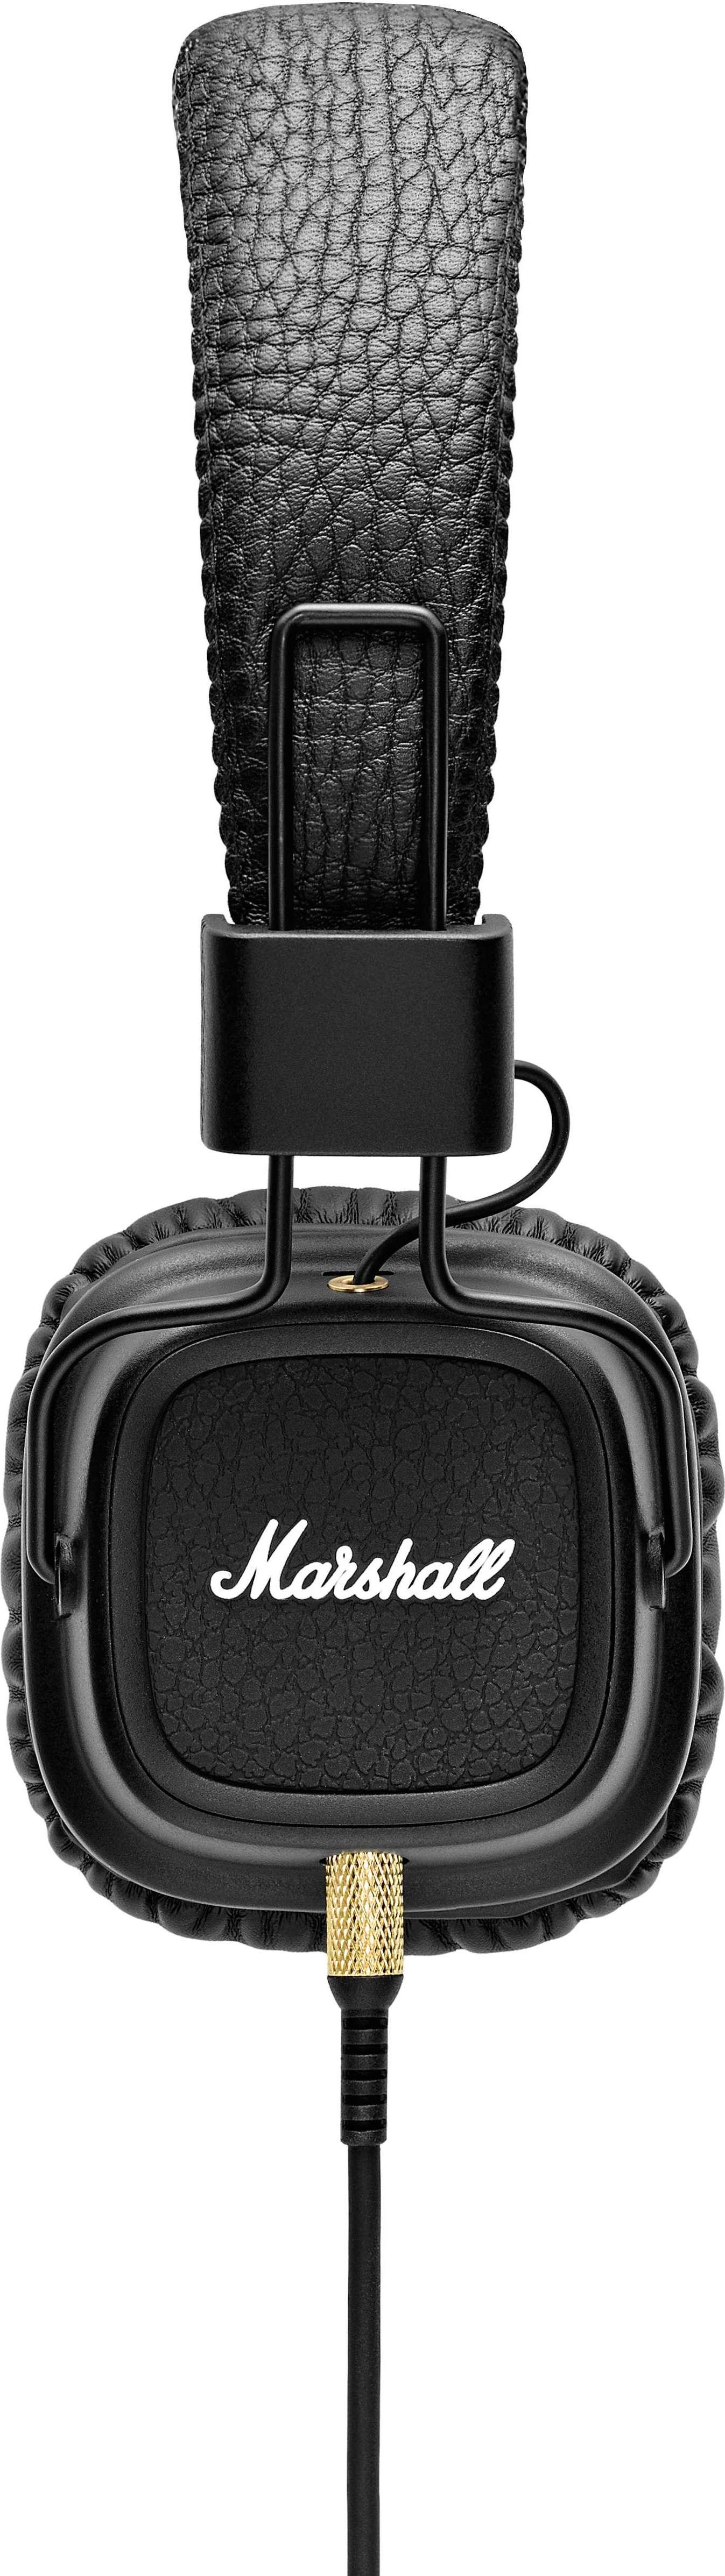 marshall major ii nouvelle version am lior e caract ristiques prix et date de sortie. Black Bedroom Furniture Sets. Home Design Ideas